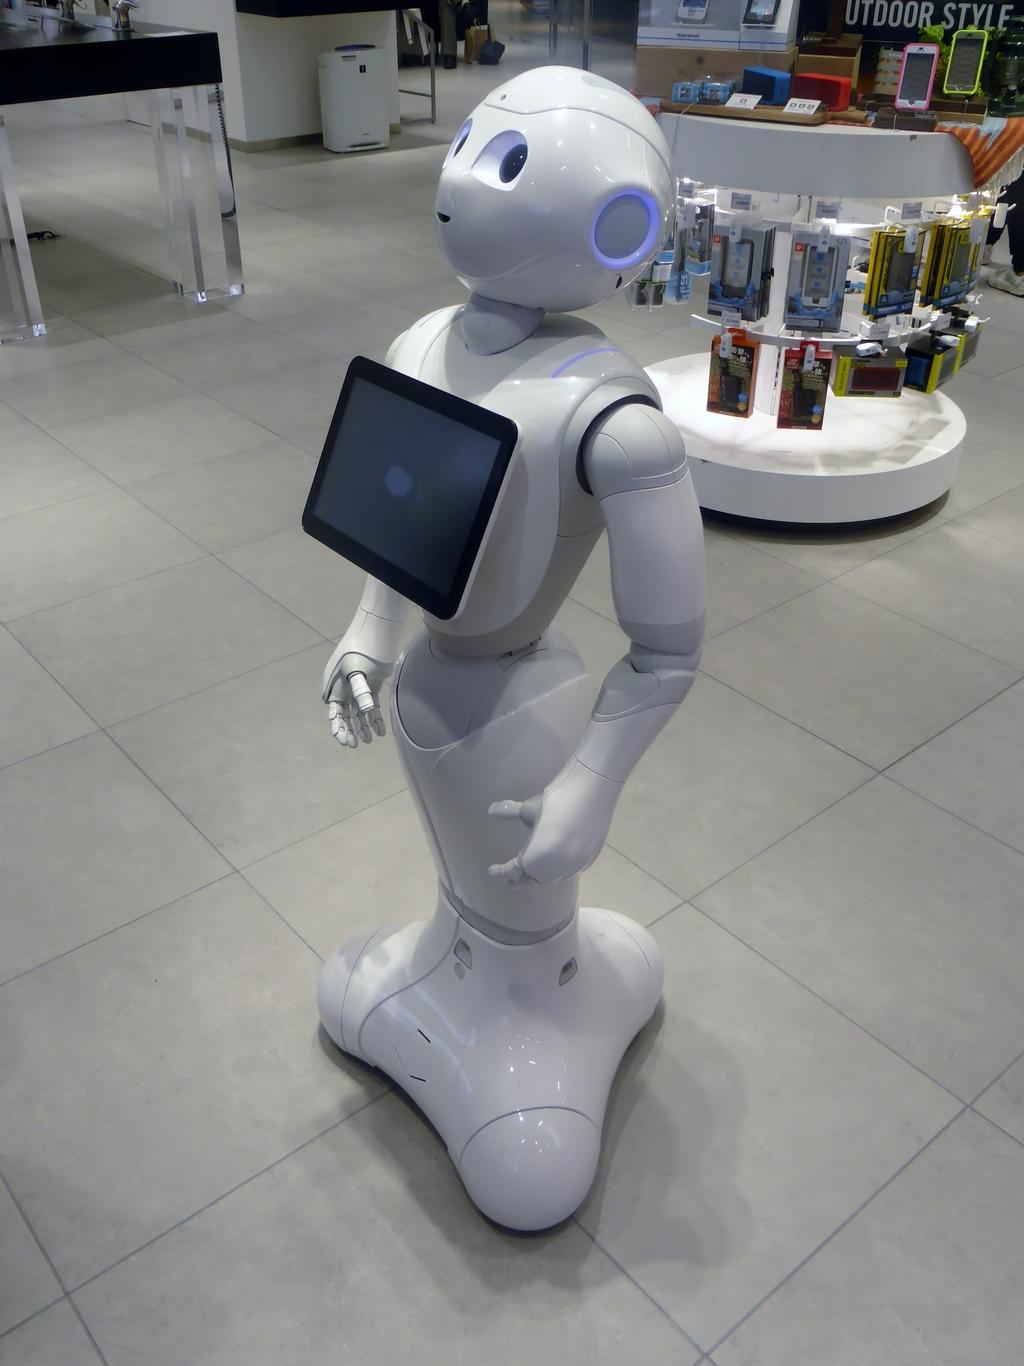 Pepper, a social companion robot, in a retail environment.